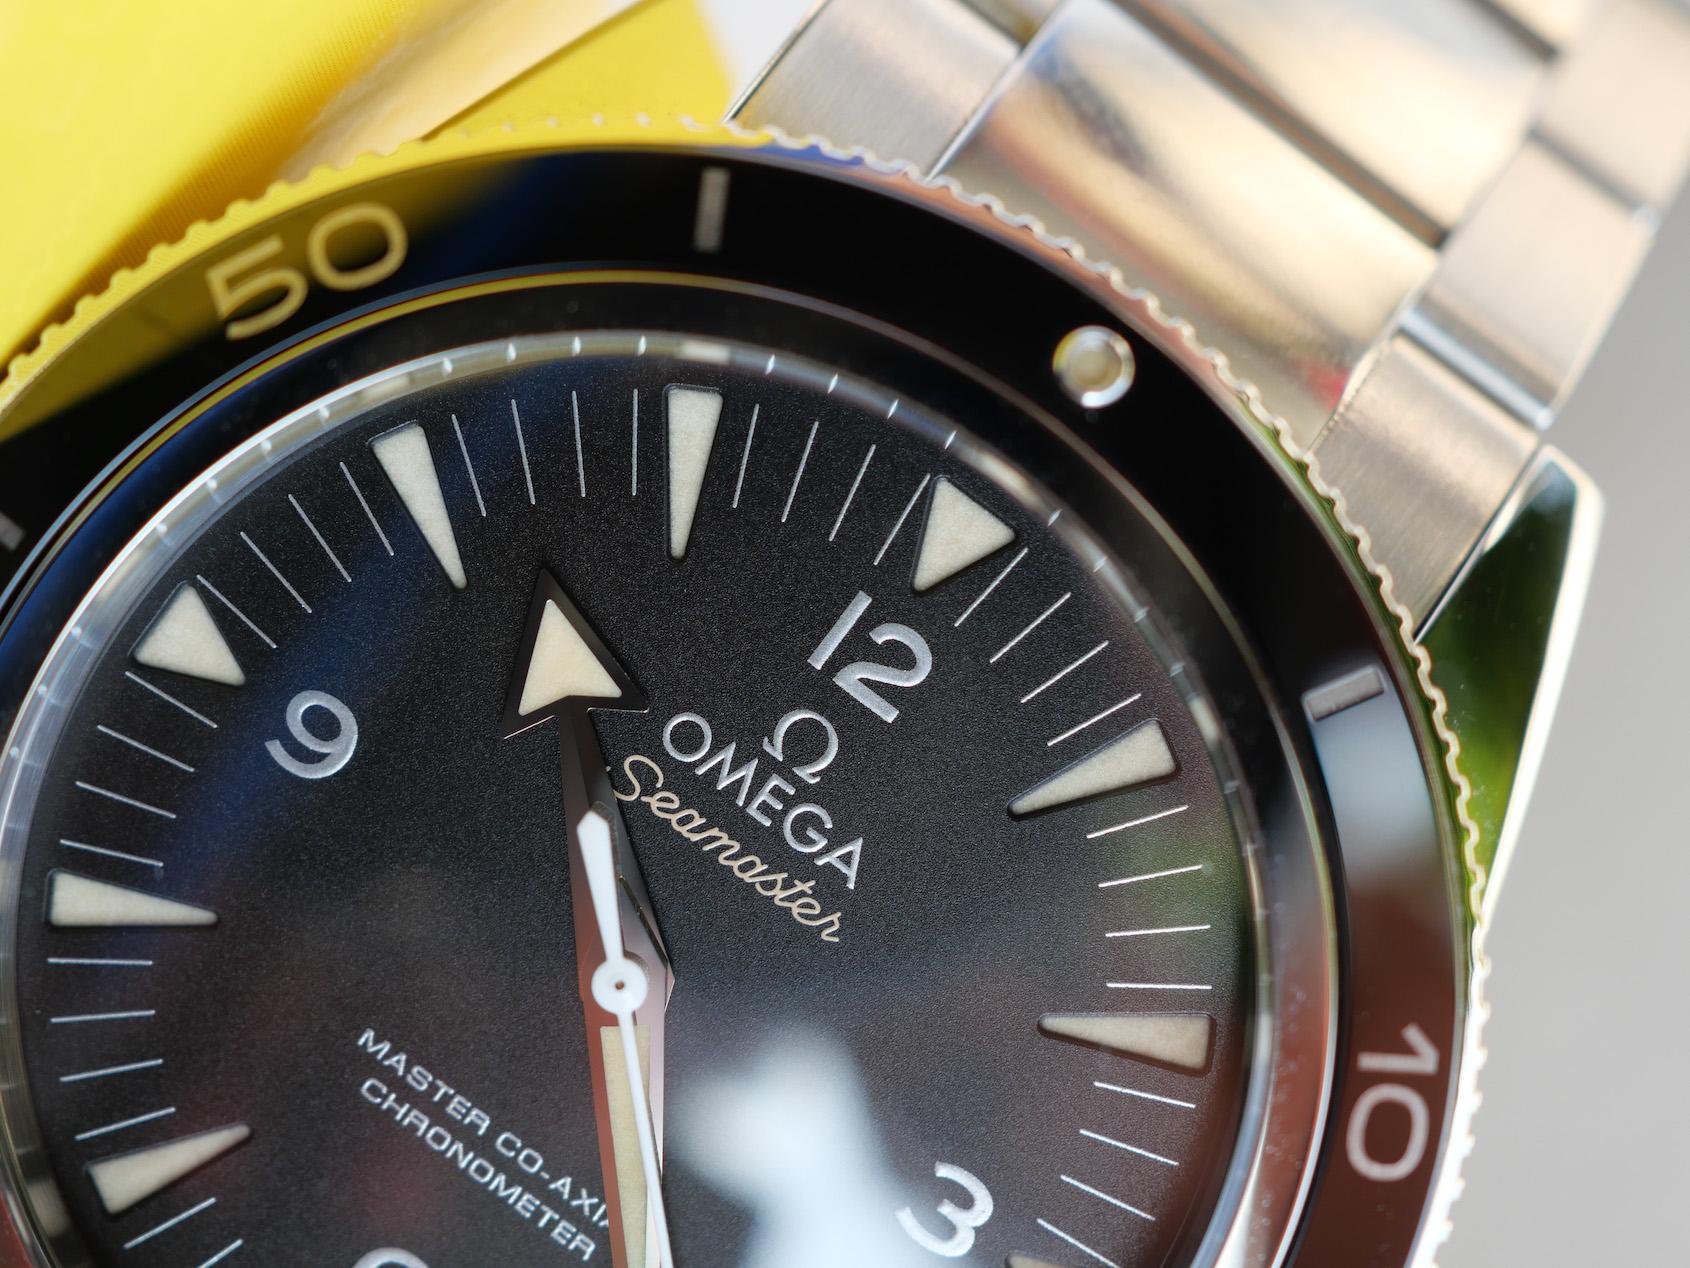 Seiko SLA037 Omega Seamaster 300 review